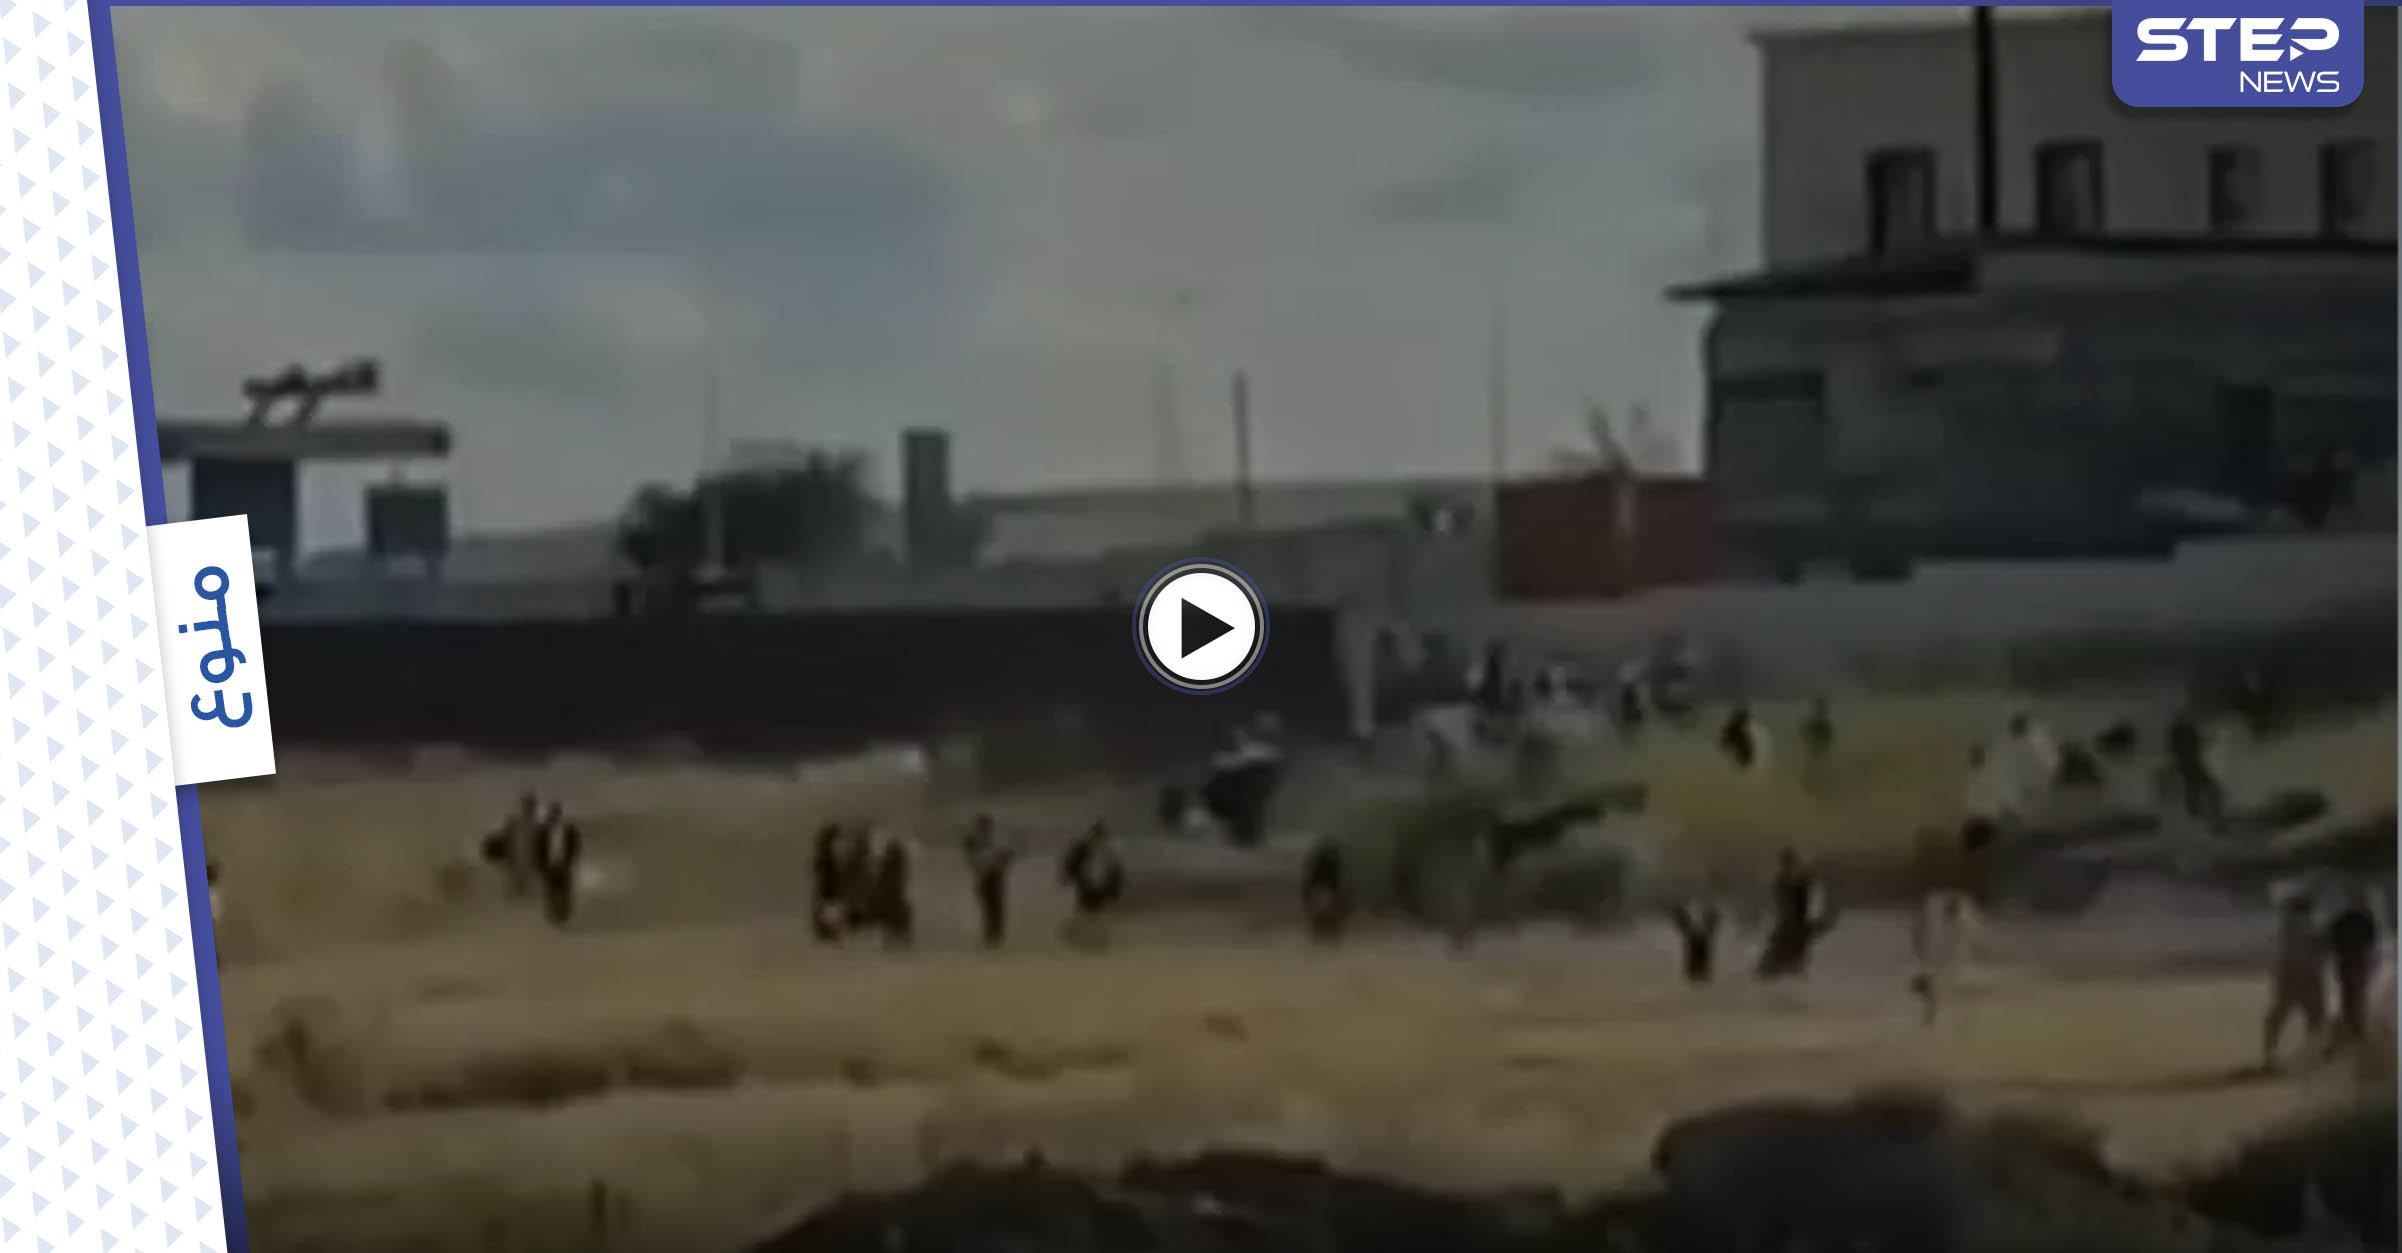 بالفيديو|| بفساتين مخصصة للسهرات.. هروب جماعي لنساء من مطعم بإحدى الدول الإسلامية يثير ضجة واسعة